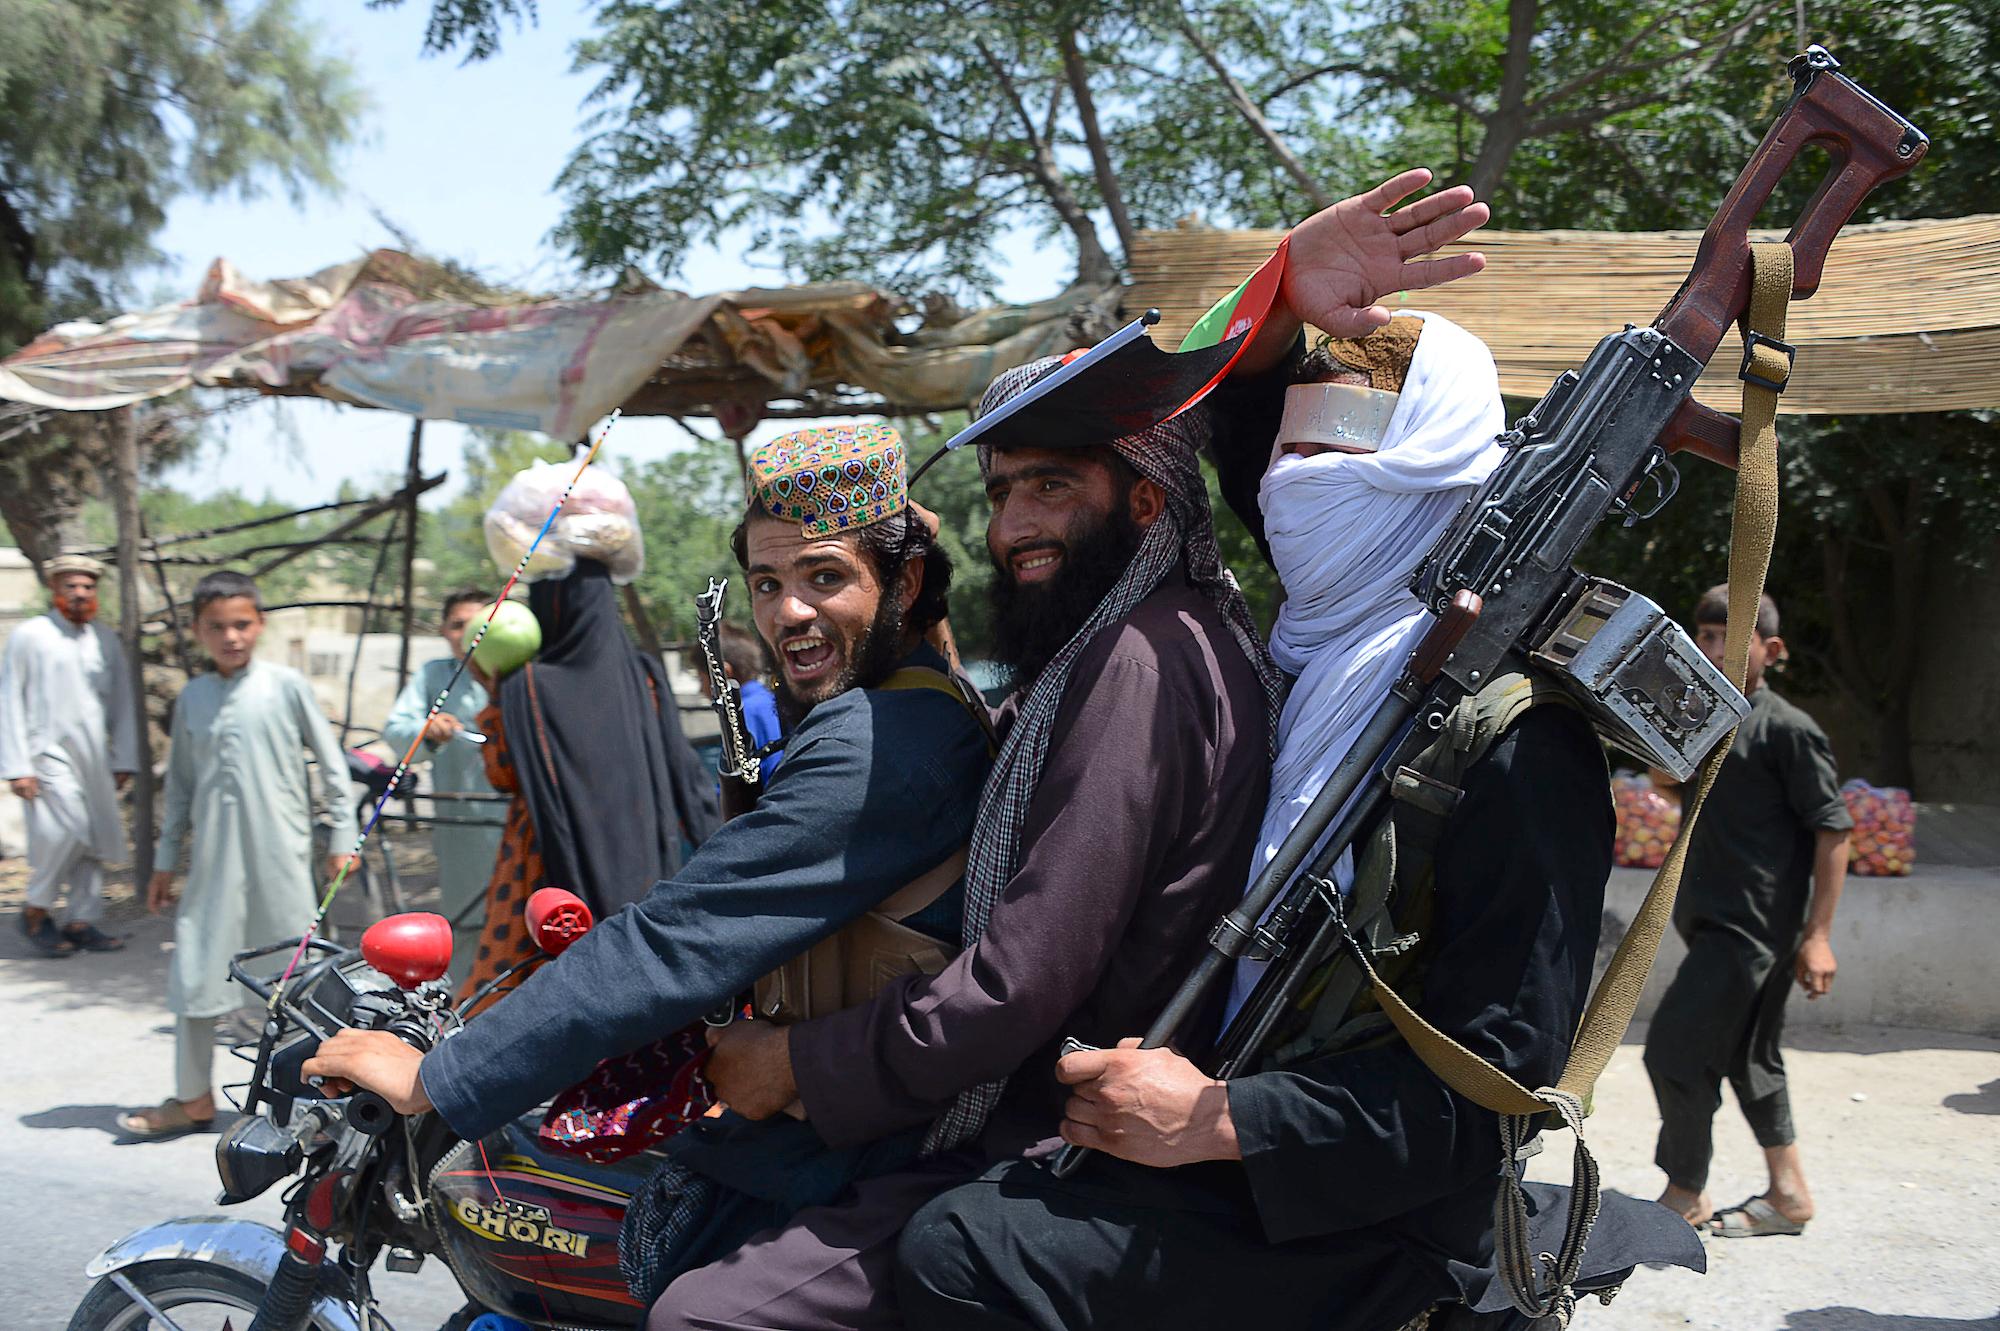 سره له دې چې طالبانو د اوربند د مودې له اوږدولو څخه انکار وکړ، خو سولې ته لا هیله شته